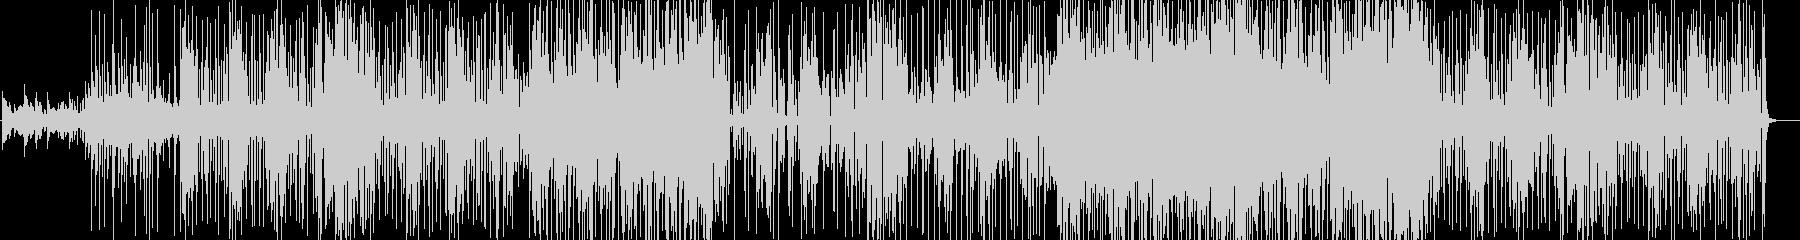 トランペット/エレキギター/フュージョンの未再生の波形